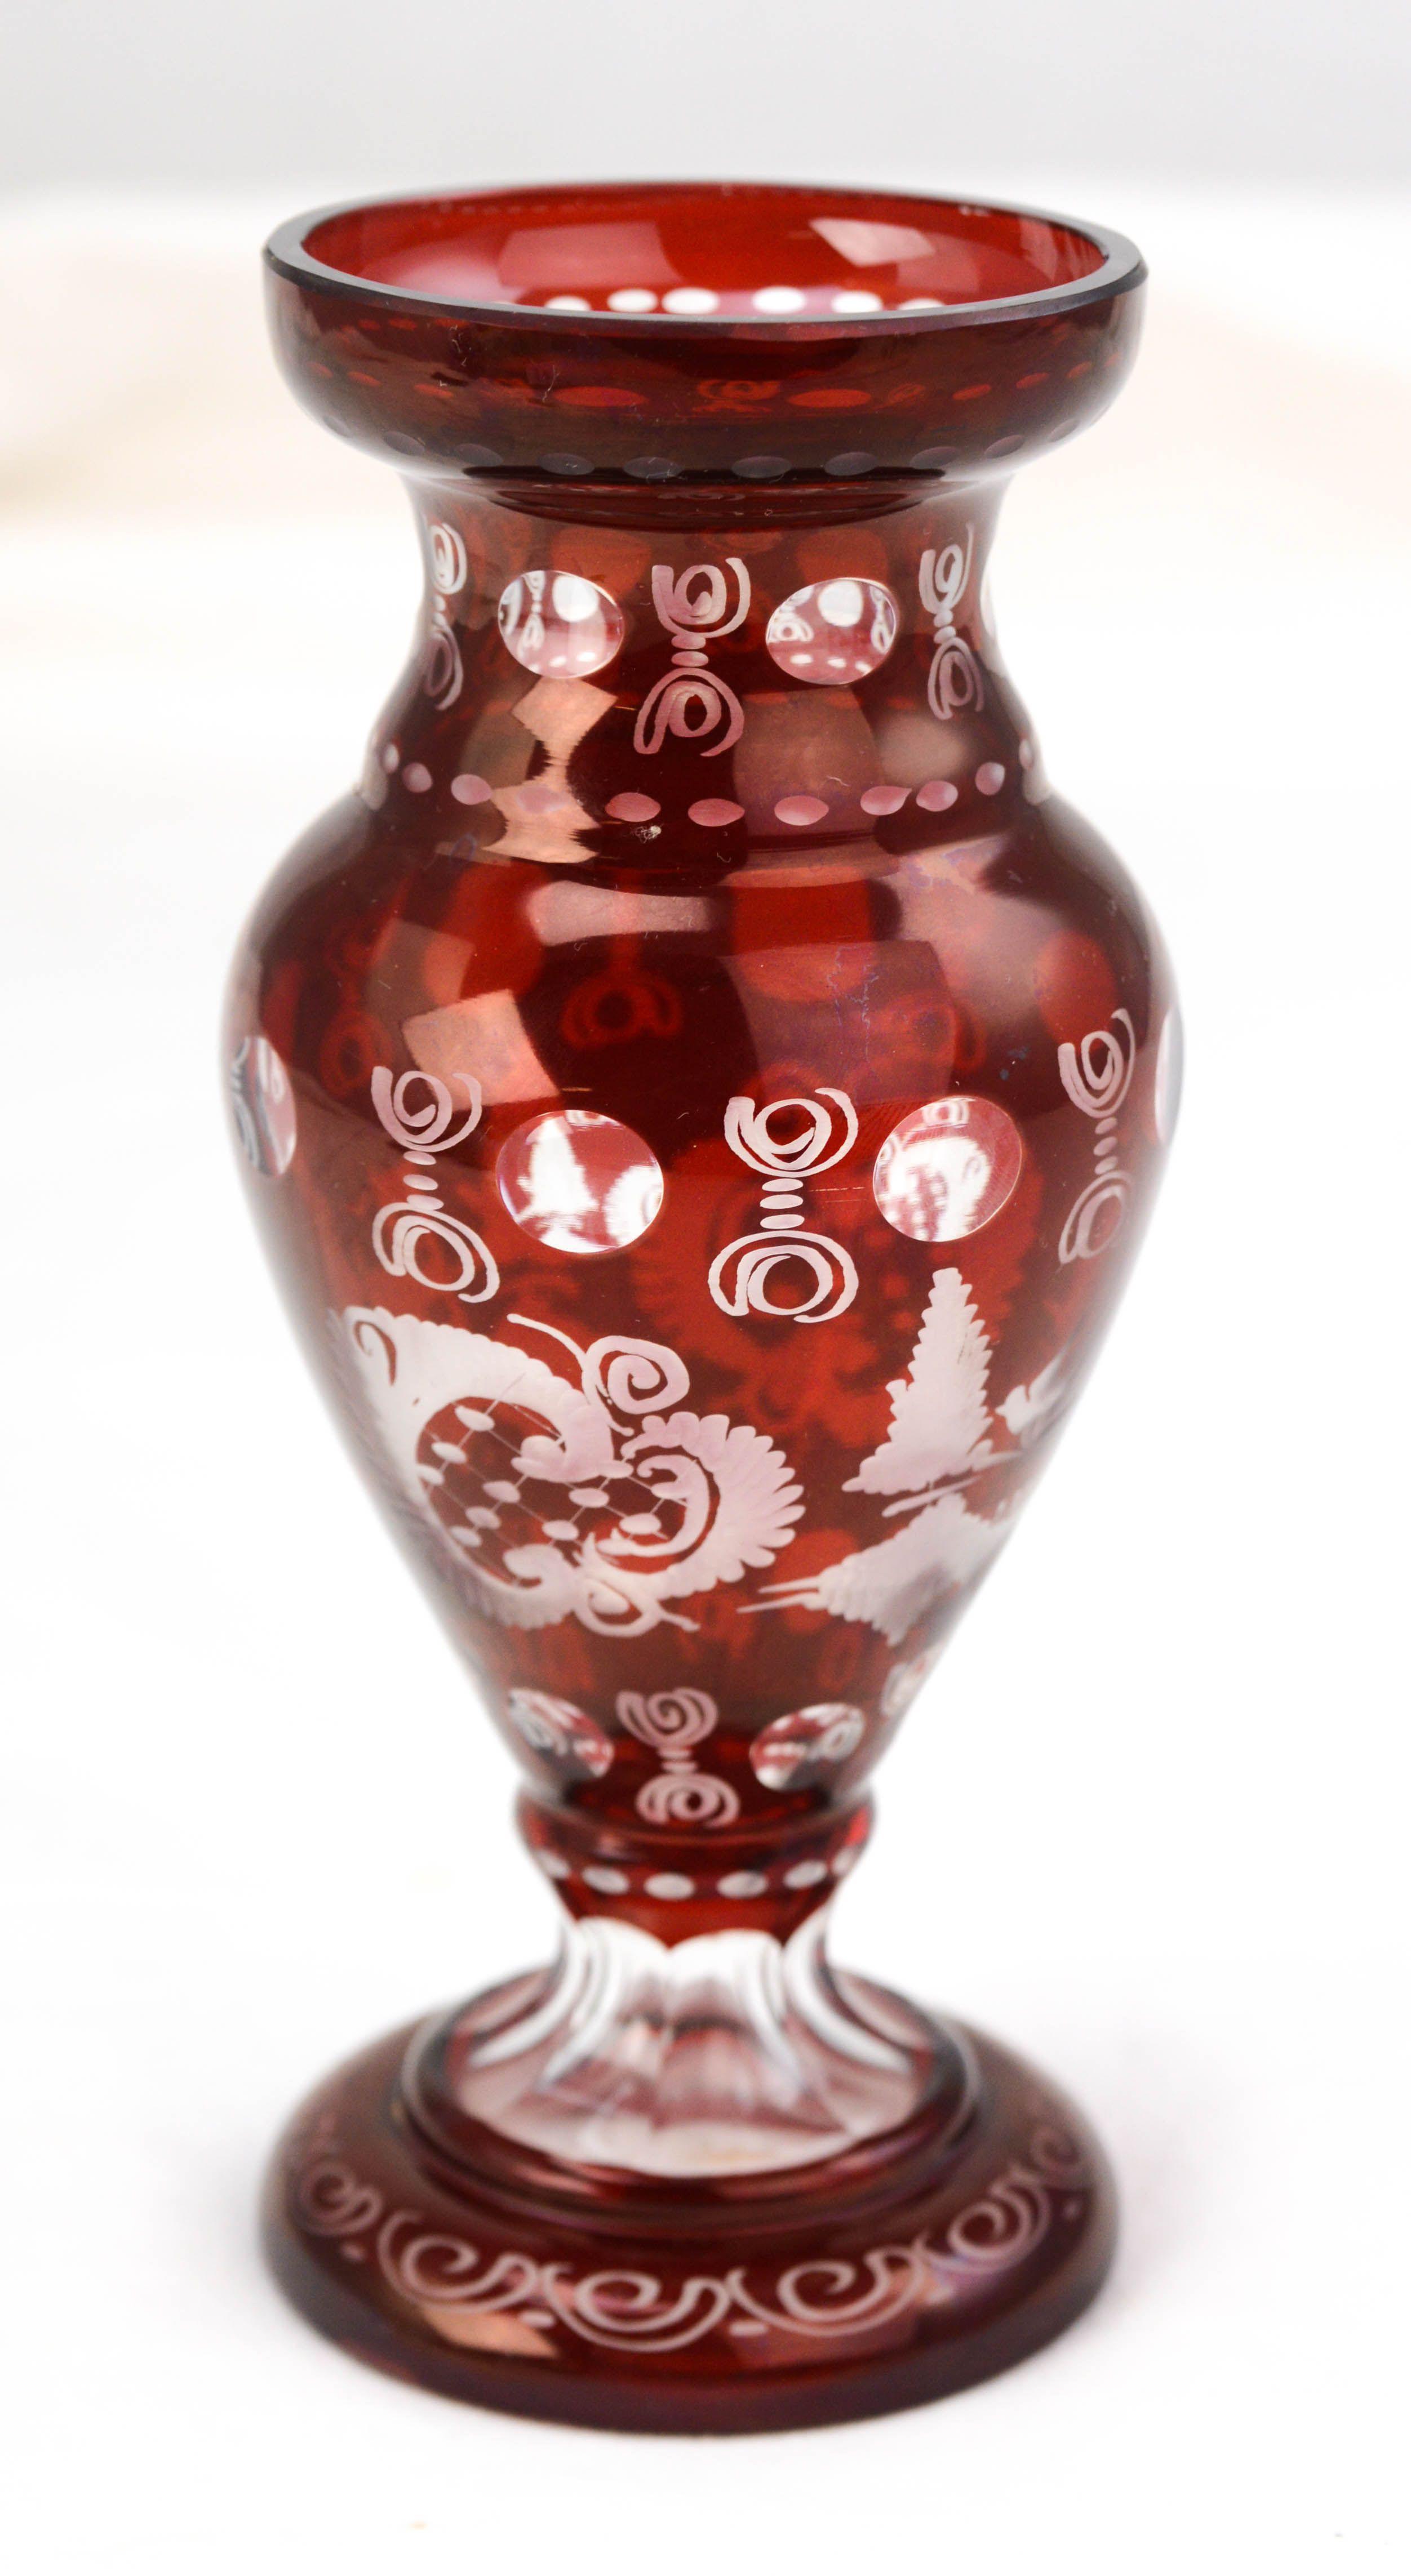 clear glass pilsner vase of glass cylinder vases cheap fresh vtg bohemian egermann ruby red cut throughout glass cylinder vases cheap fresh vtg bohemian egermann ruby red cut to clear etched